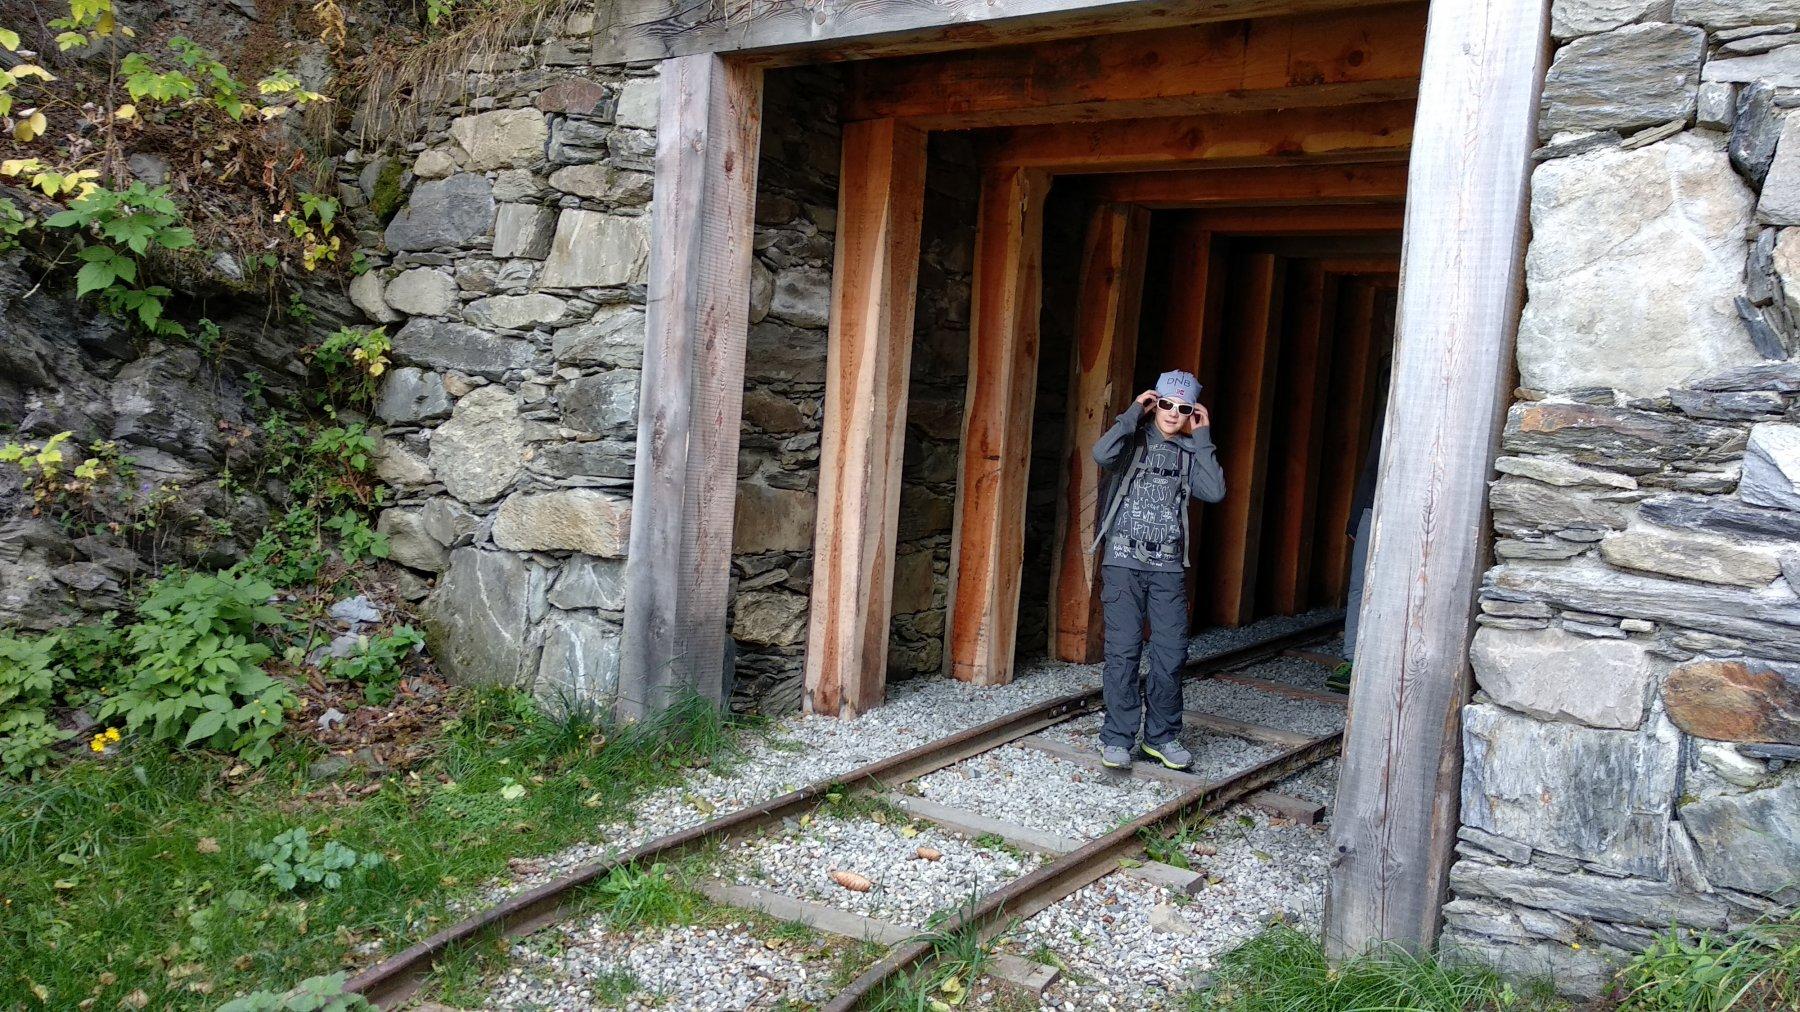 ingresso della galleria dell'argano